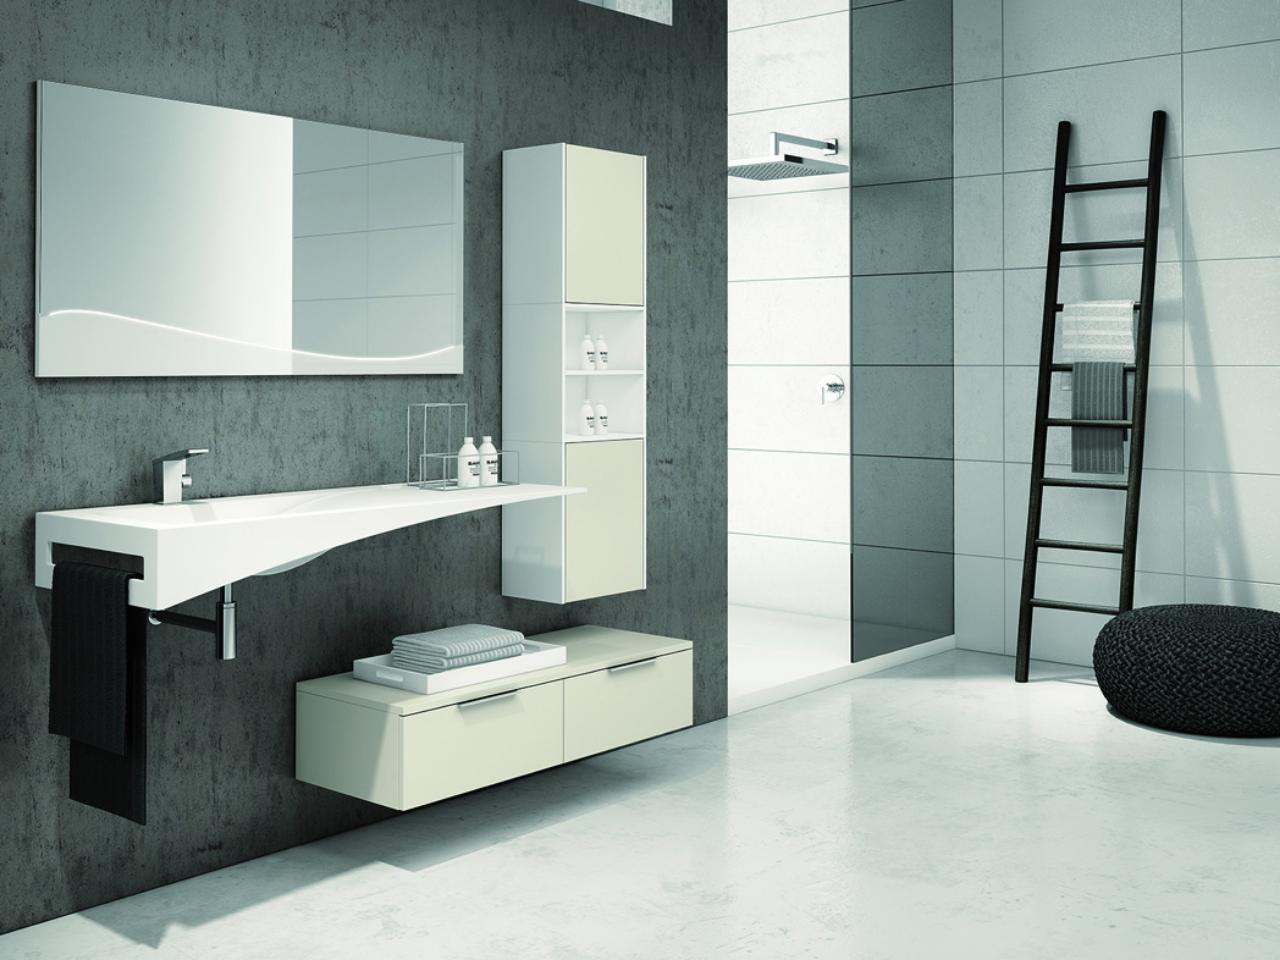 Bagnoidea prodotti e tendenze per arredare il bagno - Consigli arredo bagno ...